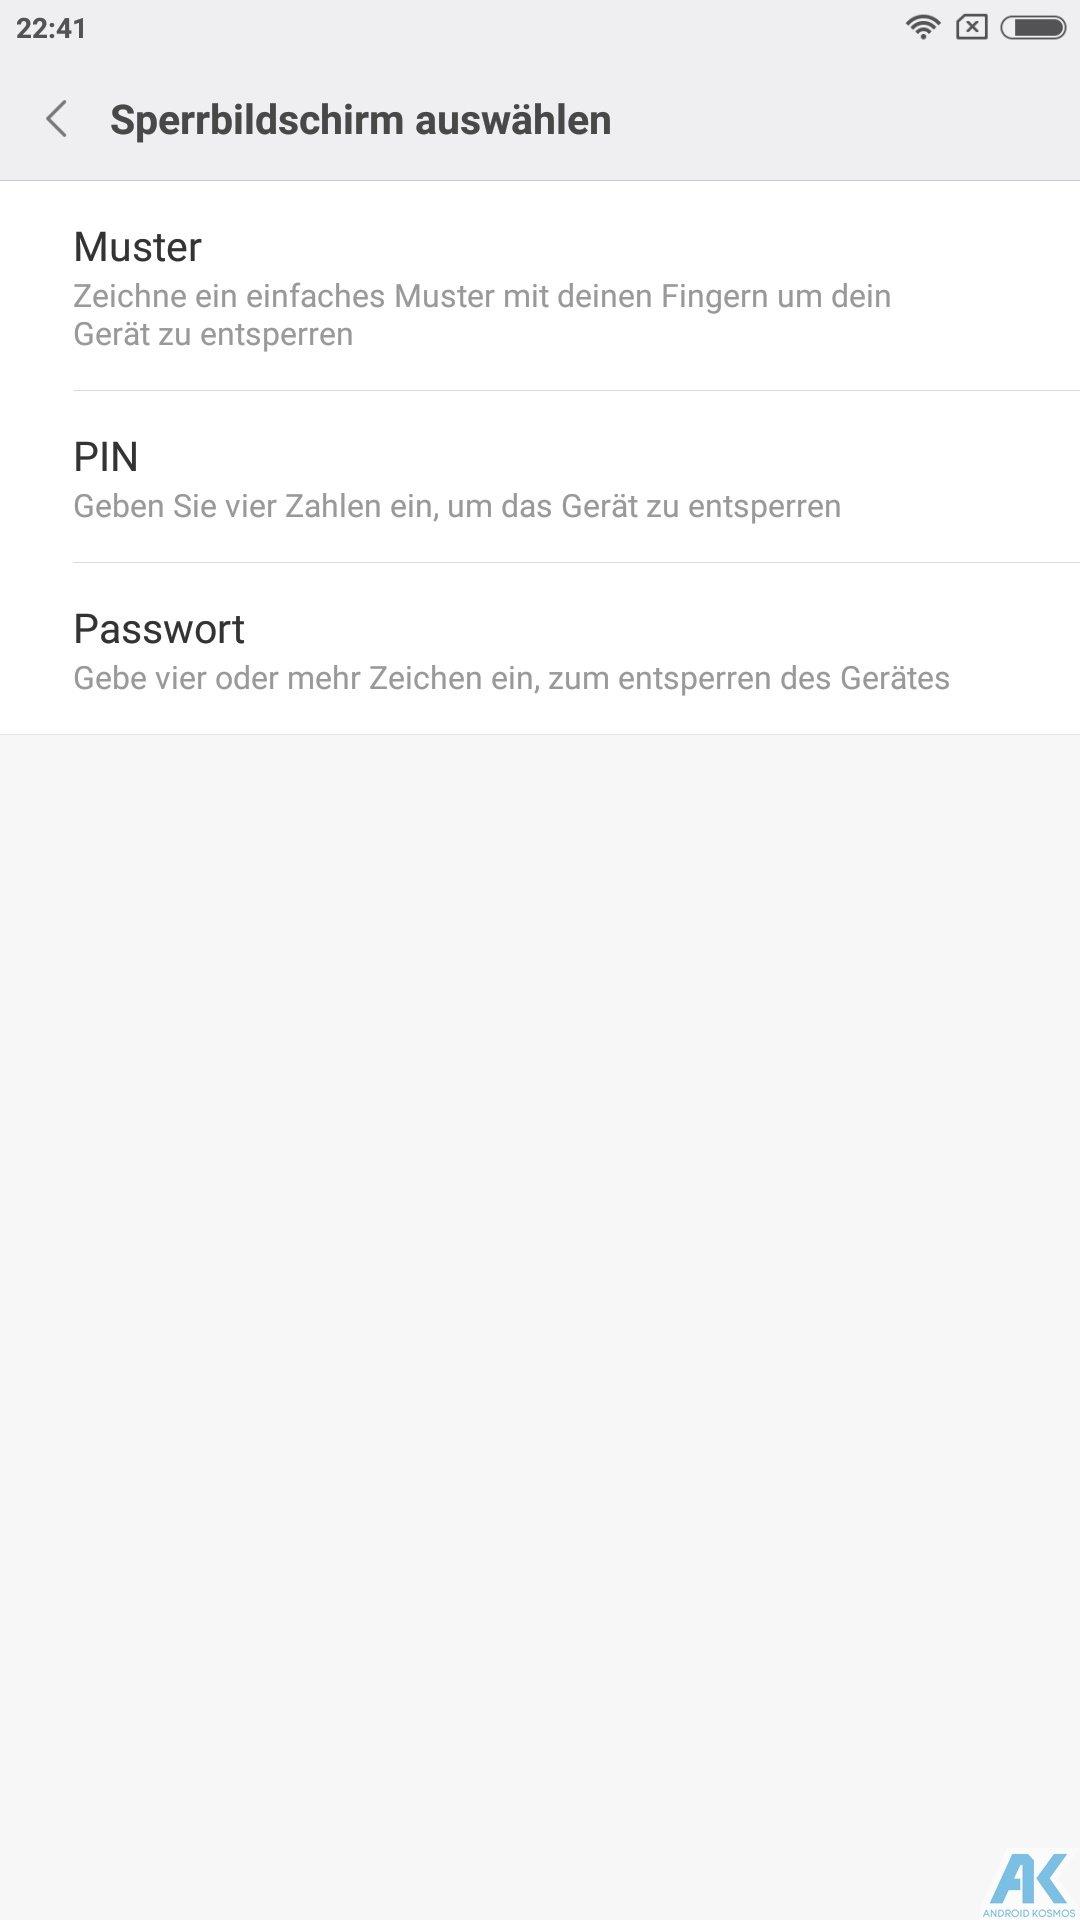 Xiaomi Mi Max 2 Test: Das Phablet ist ein wahrer Akkugigant 21